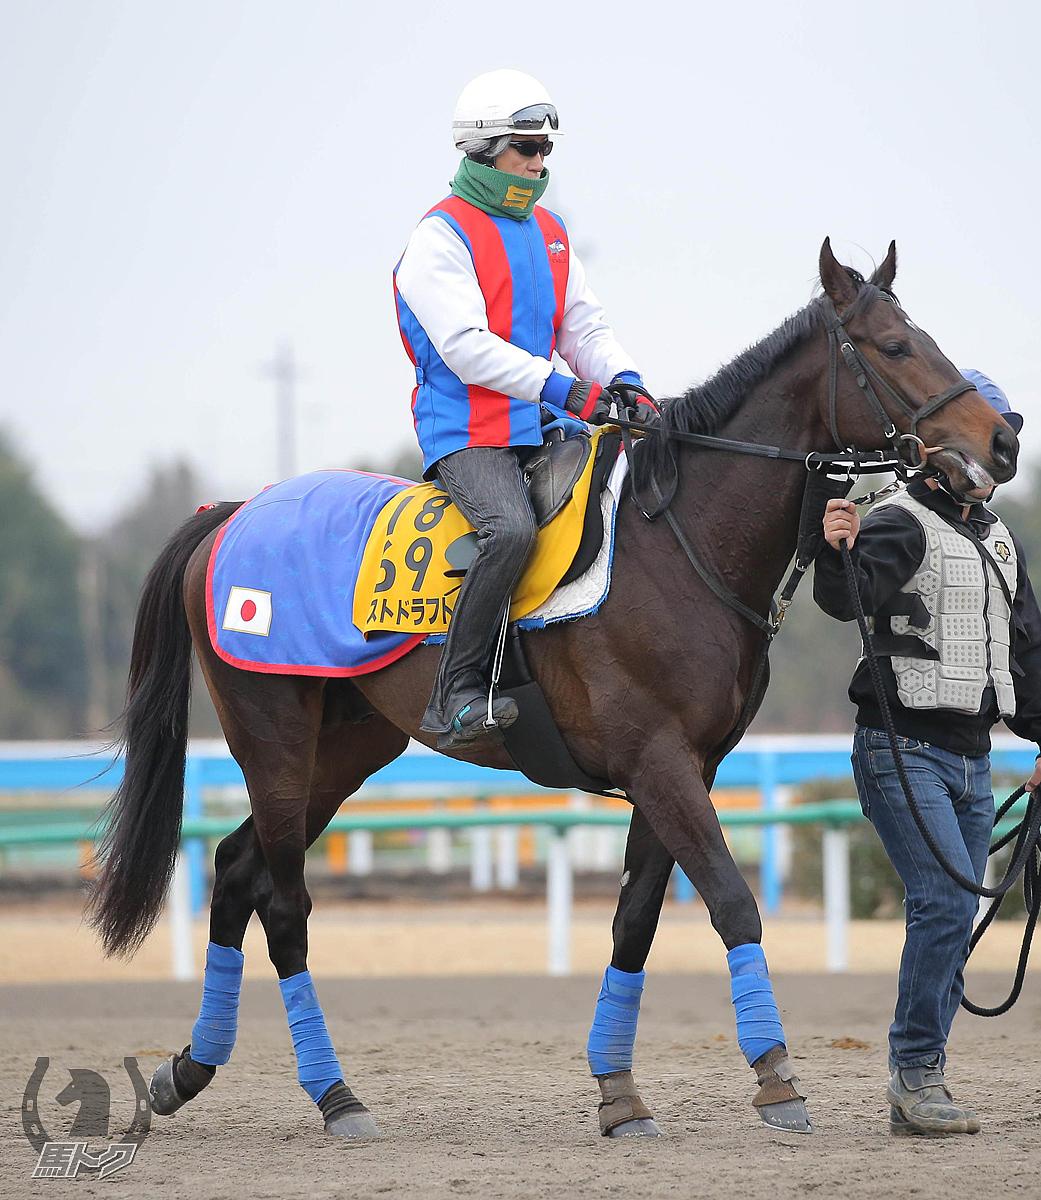 ラストドラフトの馬体写真